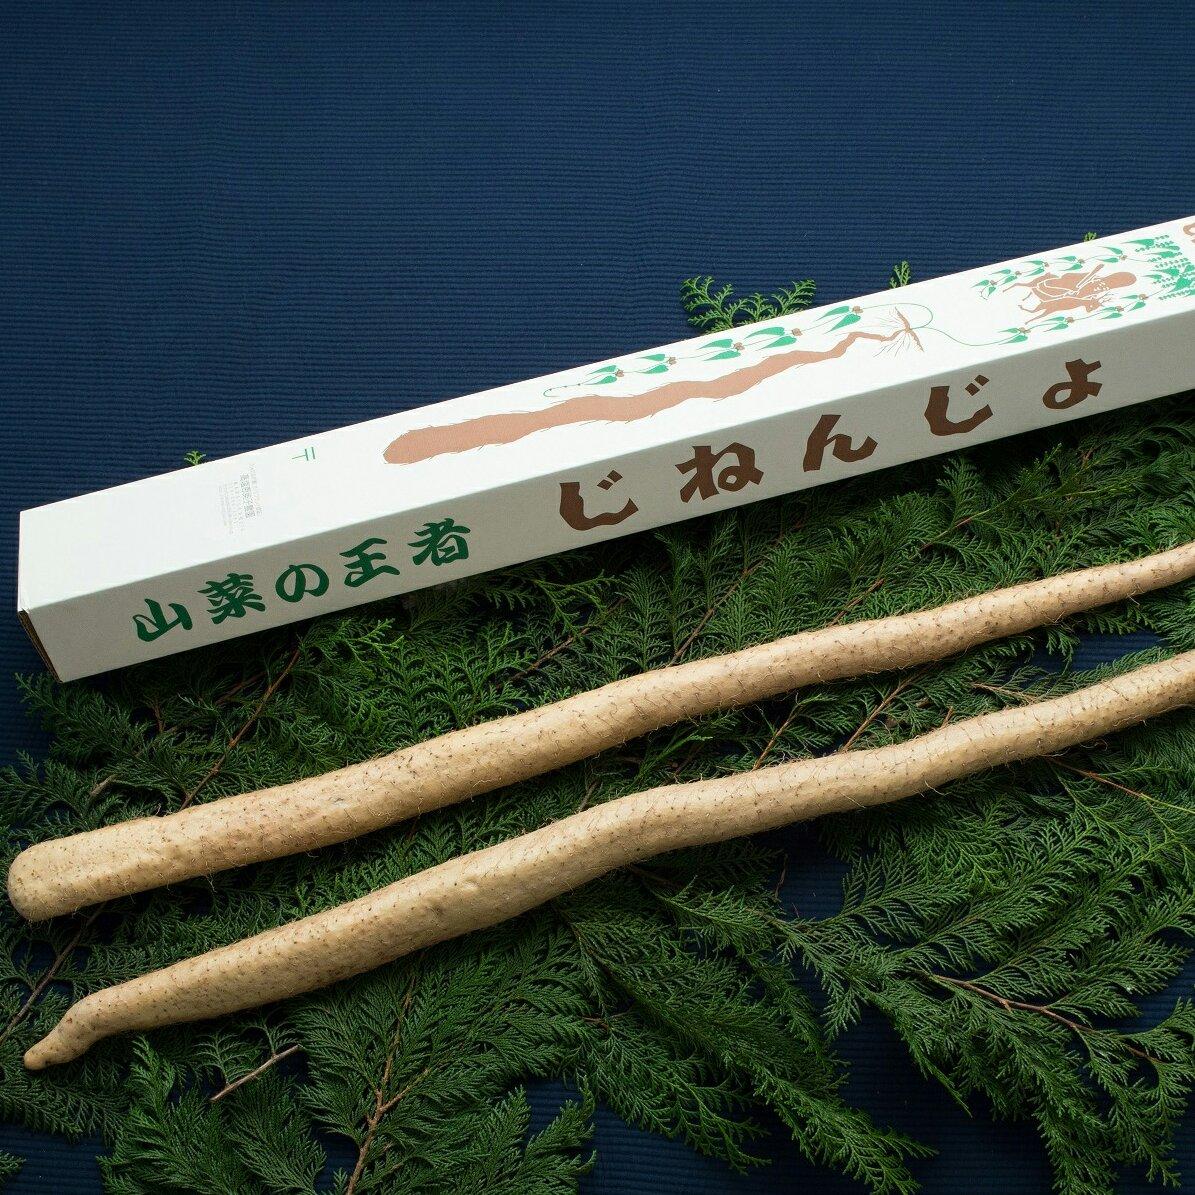 えみの自然薯2本 2本1.5kg以上 野菜/その他野菜通販